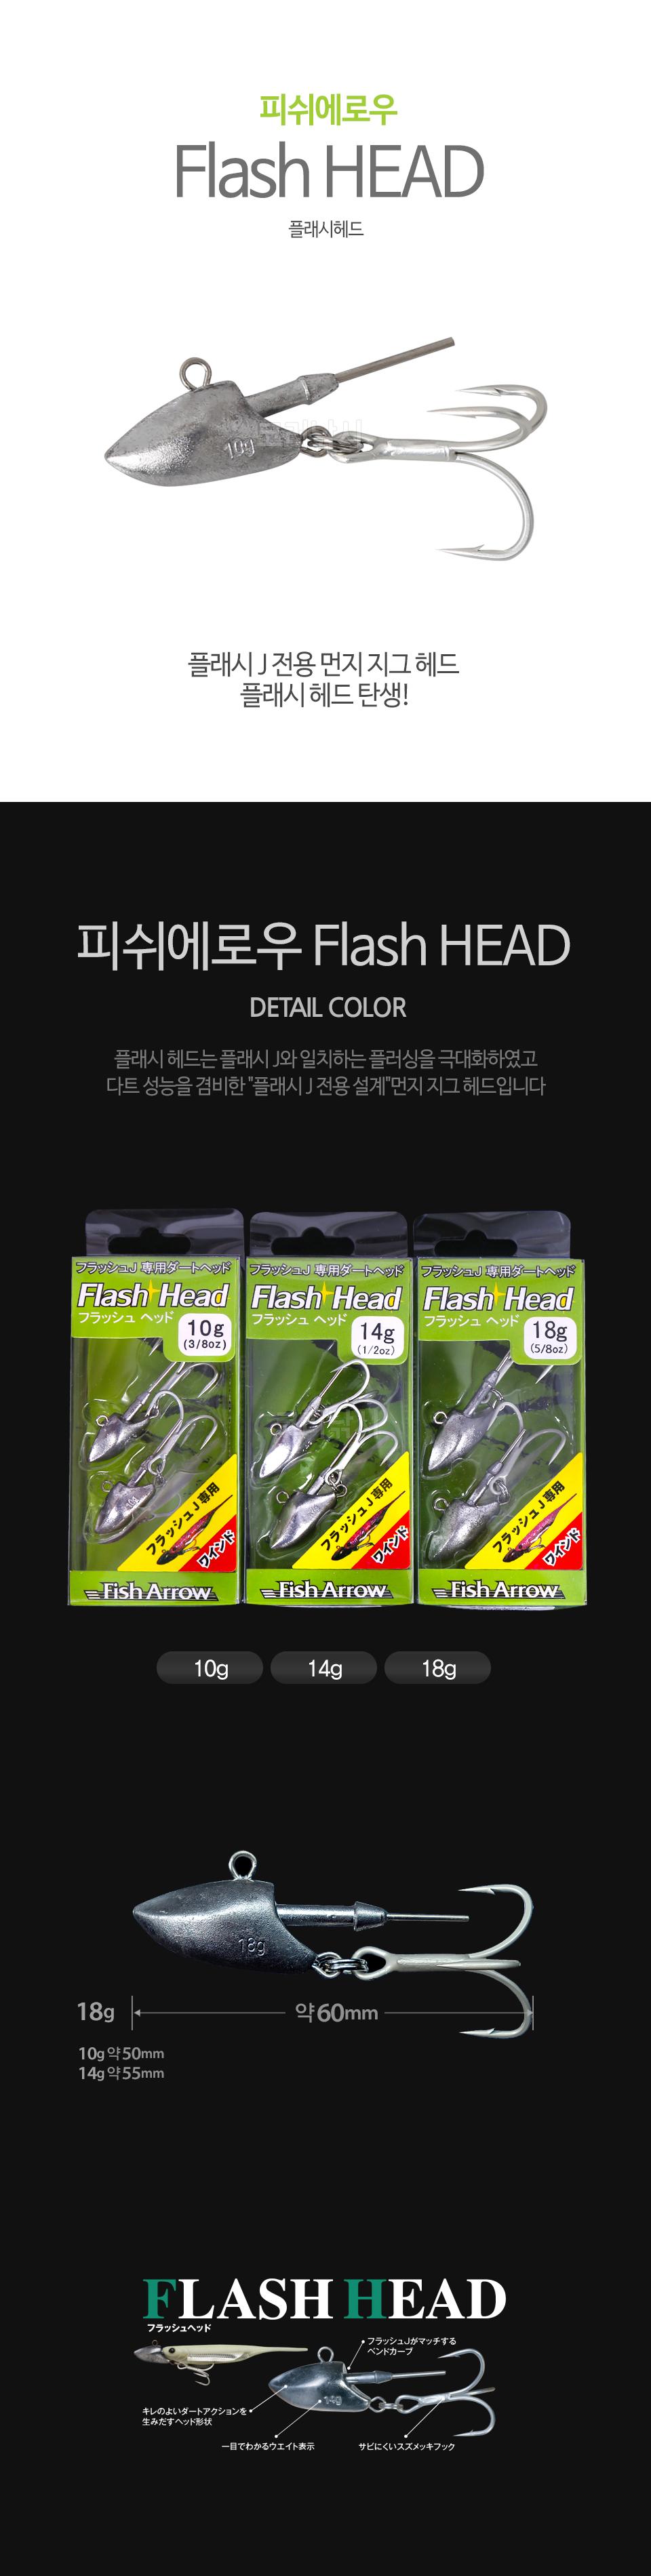 피쉬에로우 (Fish Arrow) Flash HEAD 광어지그헤드 칼치지그헤드 플랫피쉬지그헤드 Flash-J전용지그헤드 플래쉬헤드 플래시헤드